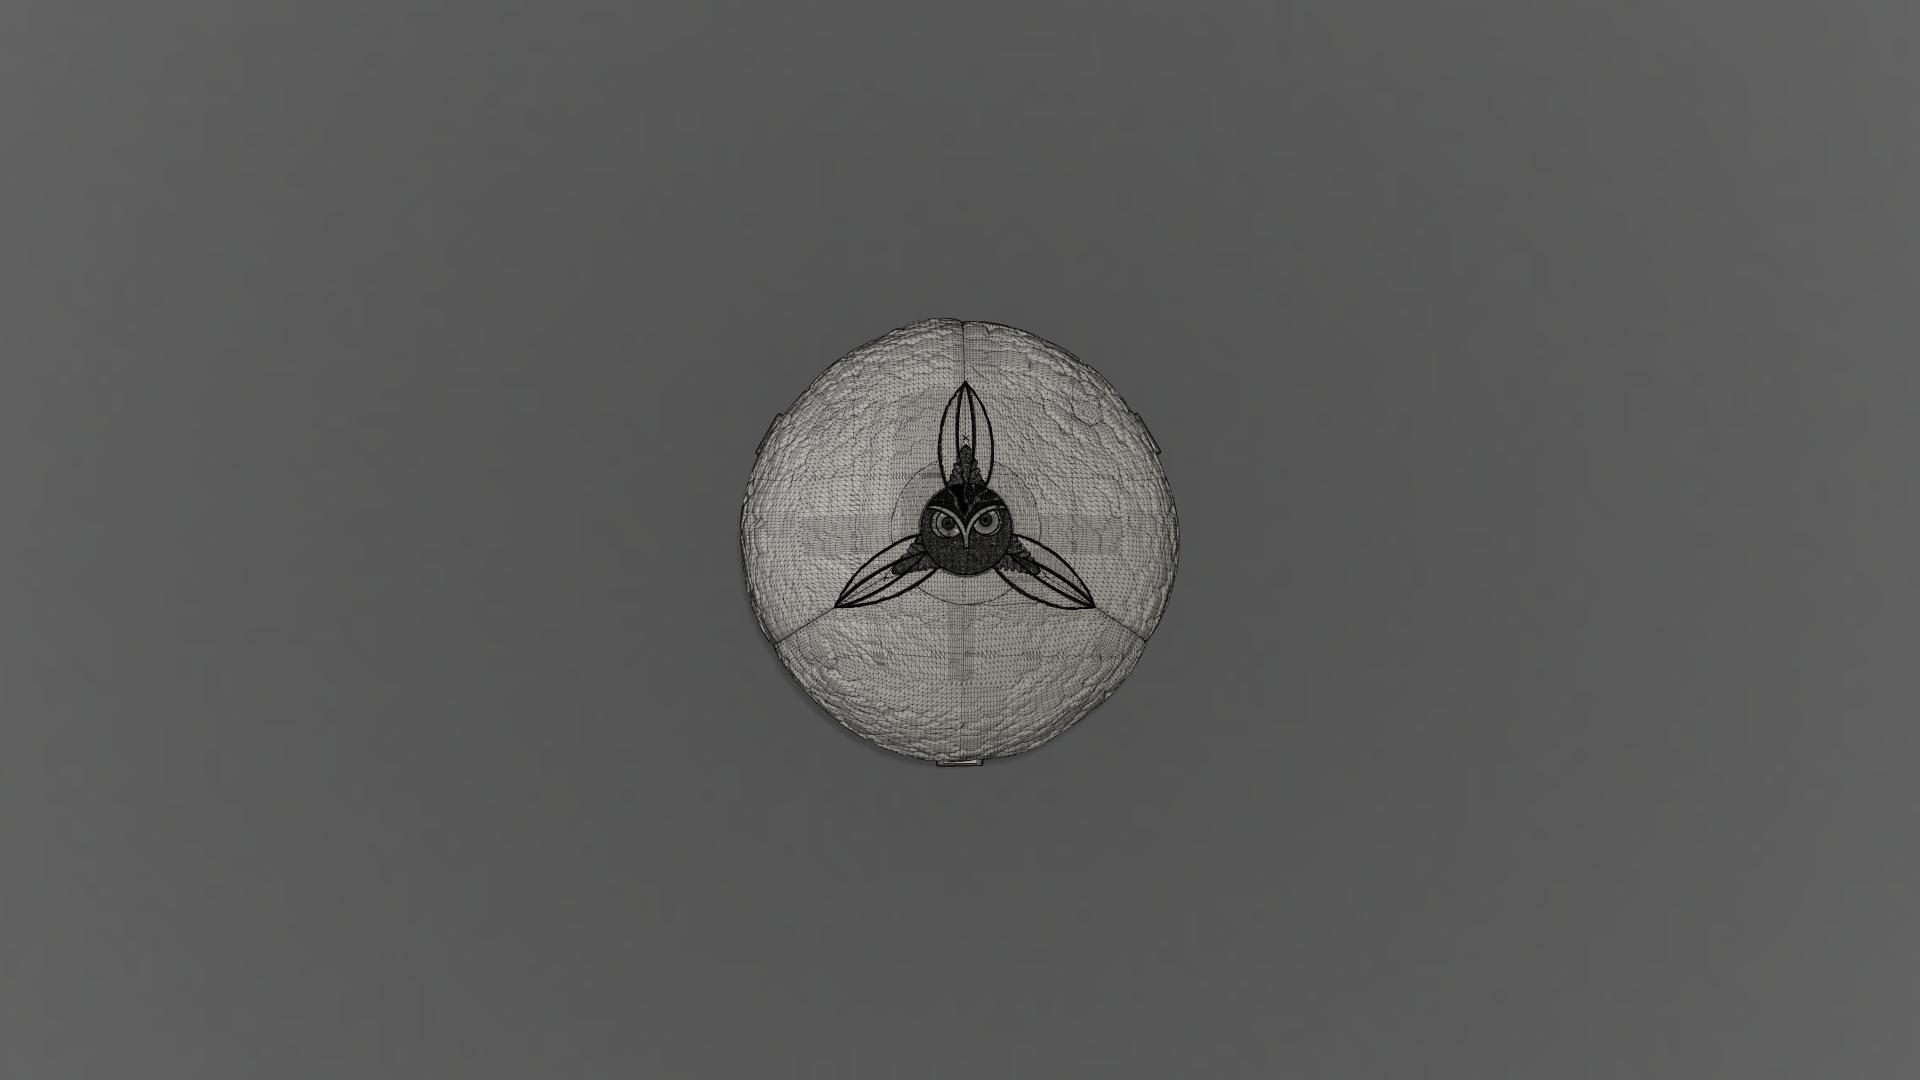 Harry Potter Egg(close_front).png Télécharger fichier OBJ gratuit Modèle d'impression 3D de Harry Potter et la Coupe de feu (Oeuf) • Objet à imprimer en 3D, quaddalone